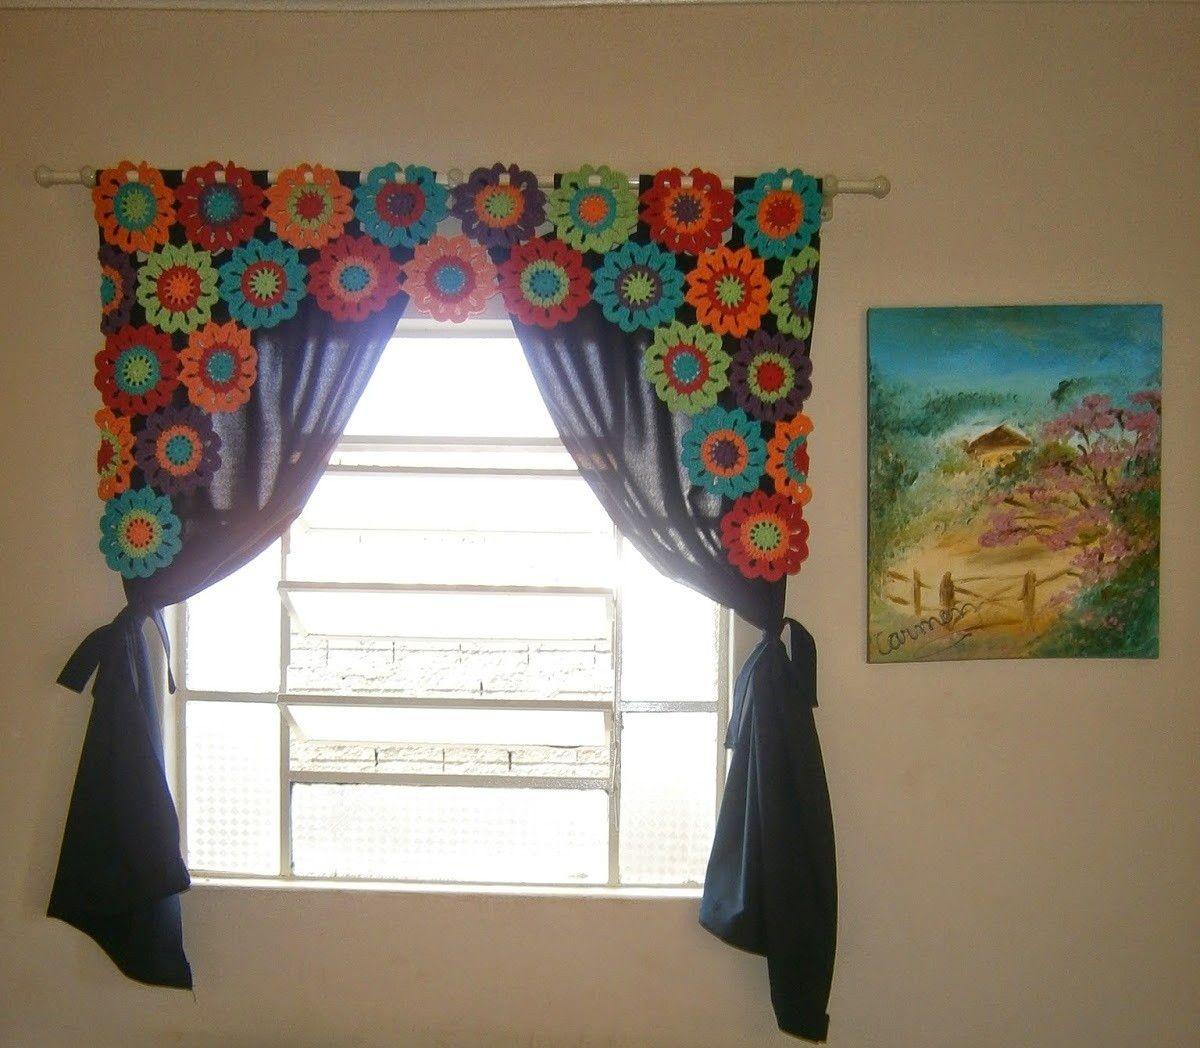 Bandô em Crochê com motivos coloridos <br>Tamanho: 1,45m de largura. 1 m altura nas extremidades.